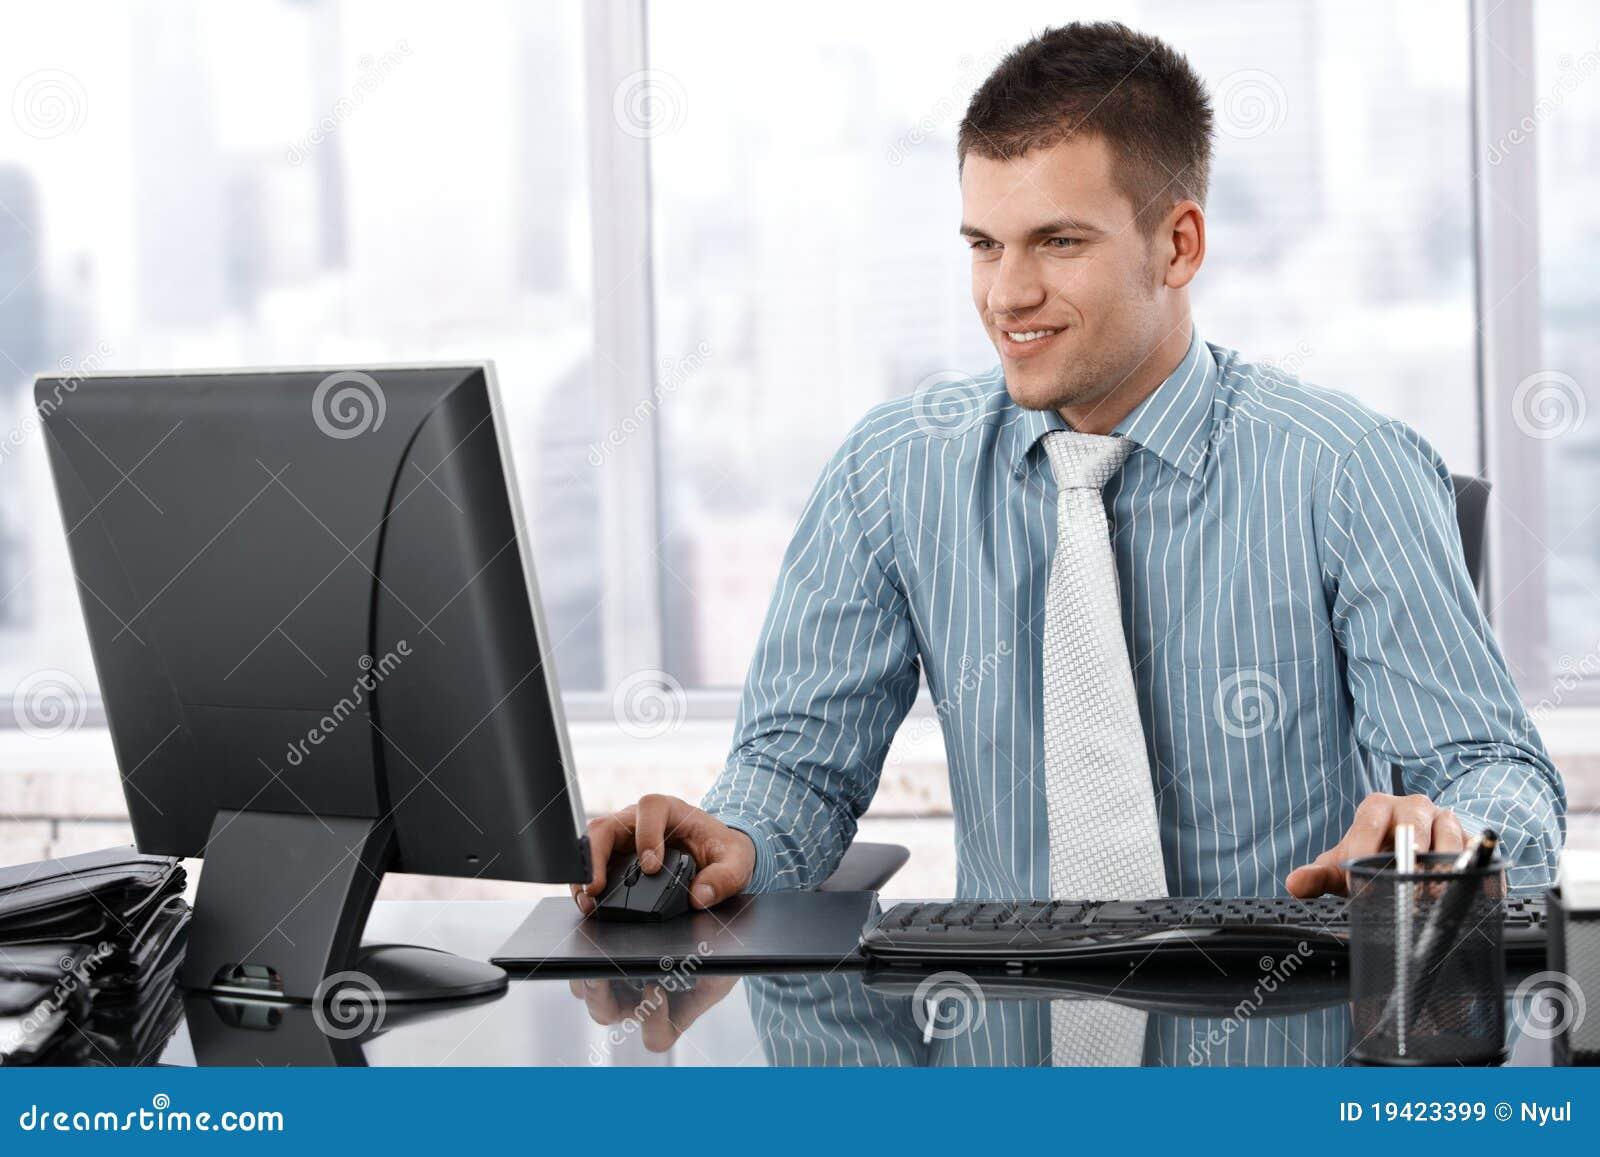 Hombre trabajando en oficina the image for Imagenes de oficinas modernas